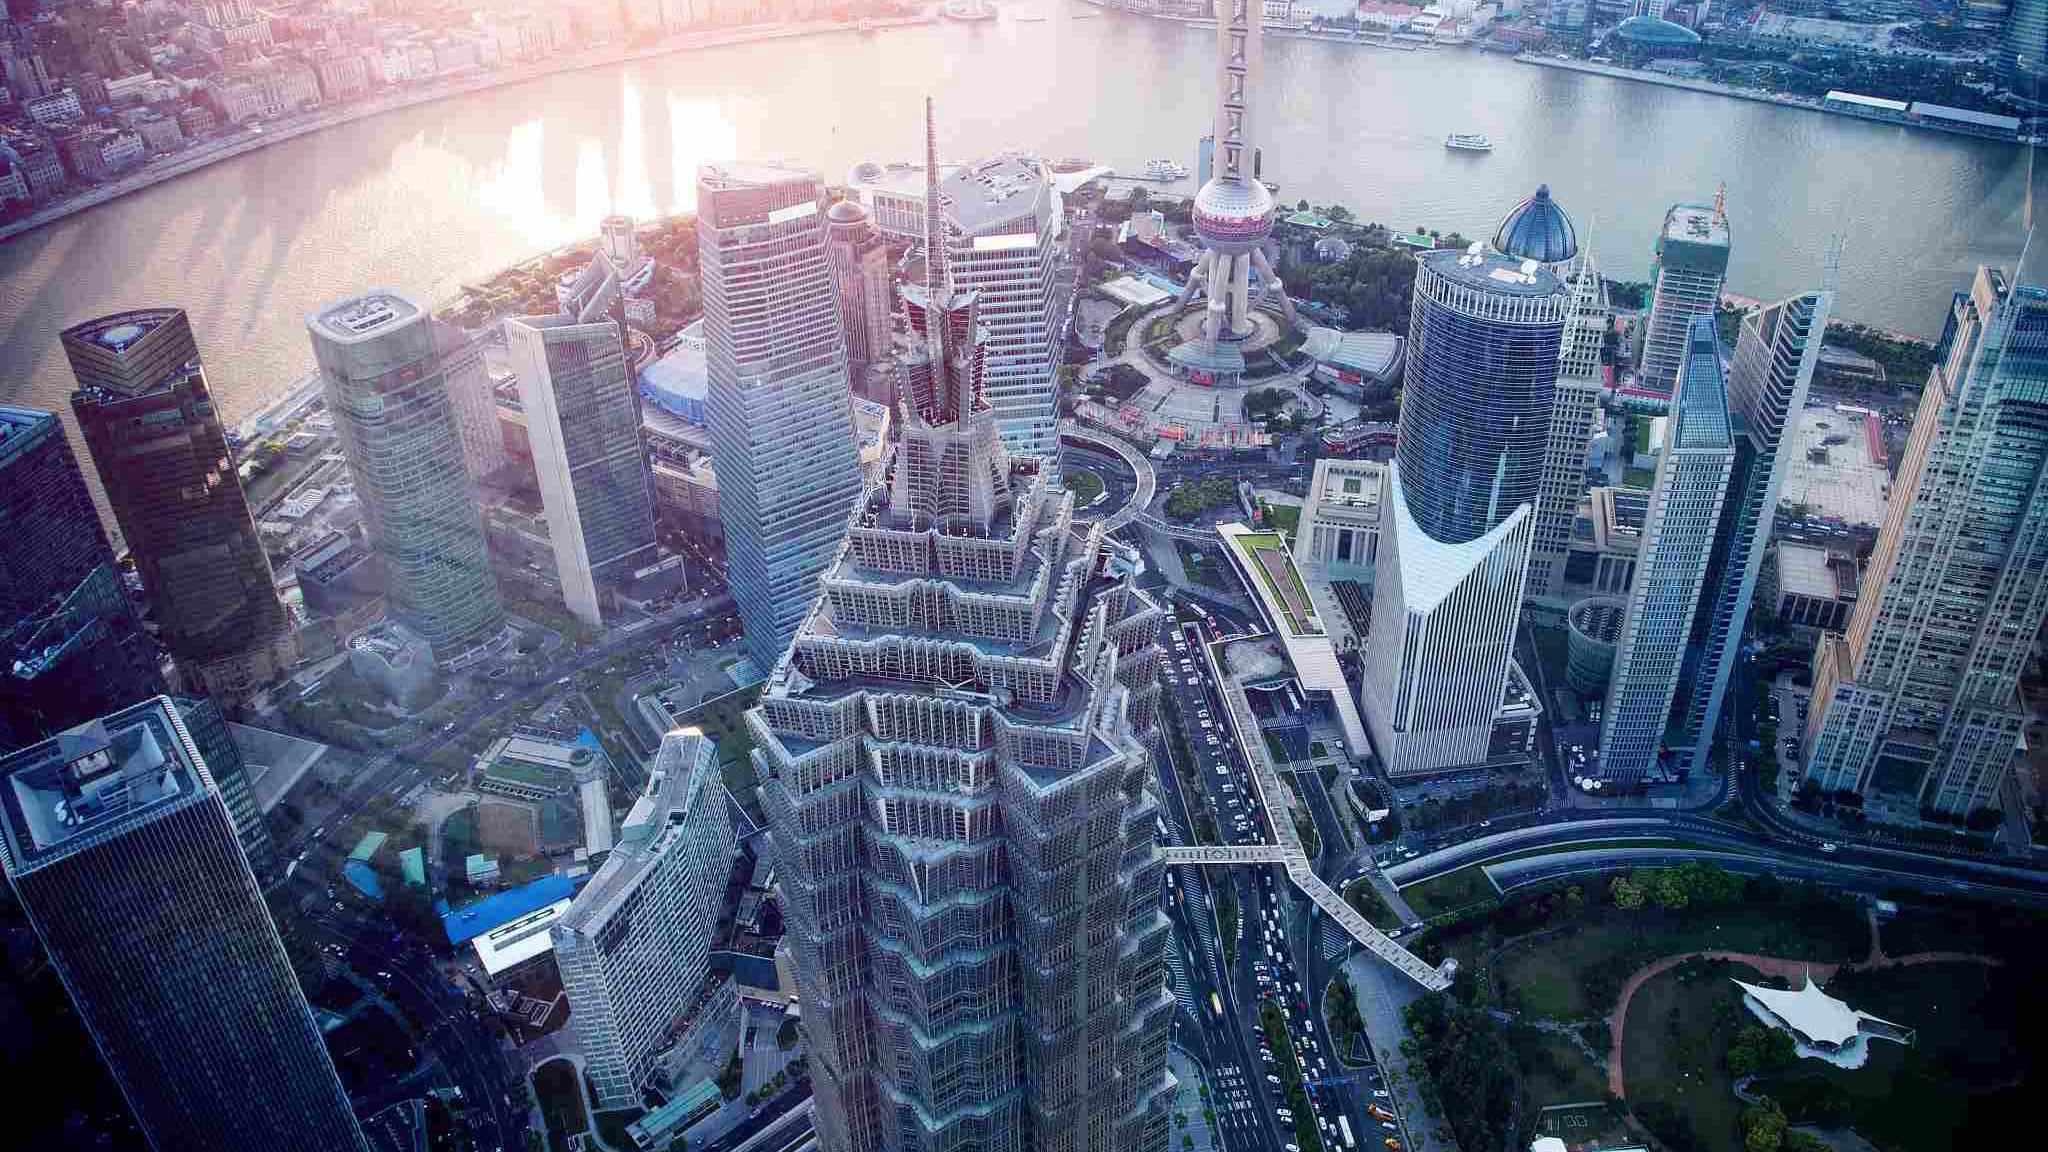 China's economy bouncing back from coronavirus pandemic: expert